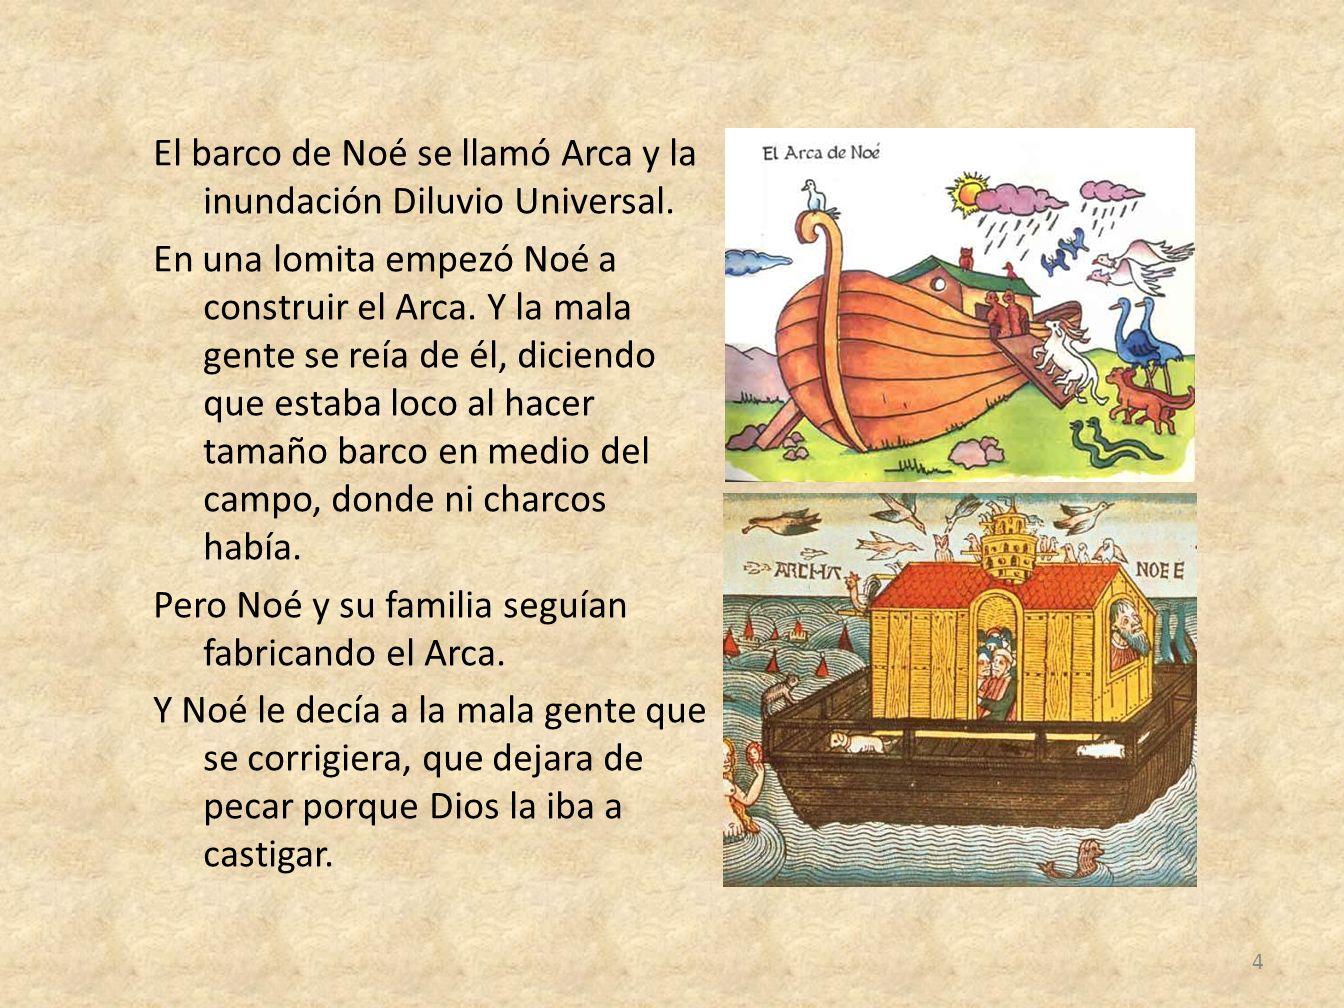 El barco de Noé se llamó Arca y la inundación Diluvio Universal. En una lomita empezó Noé a construir el Arca. Y la mala gente se reía de él, diciendo